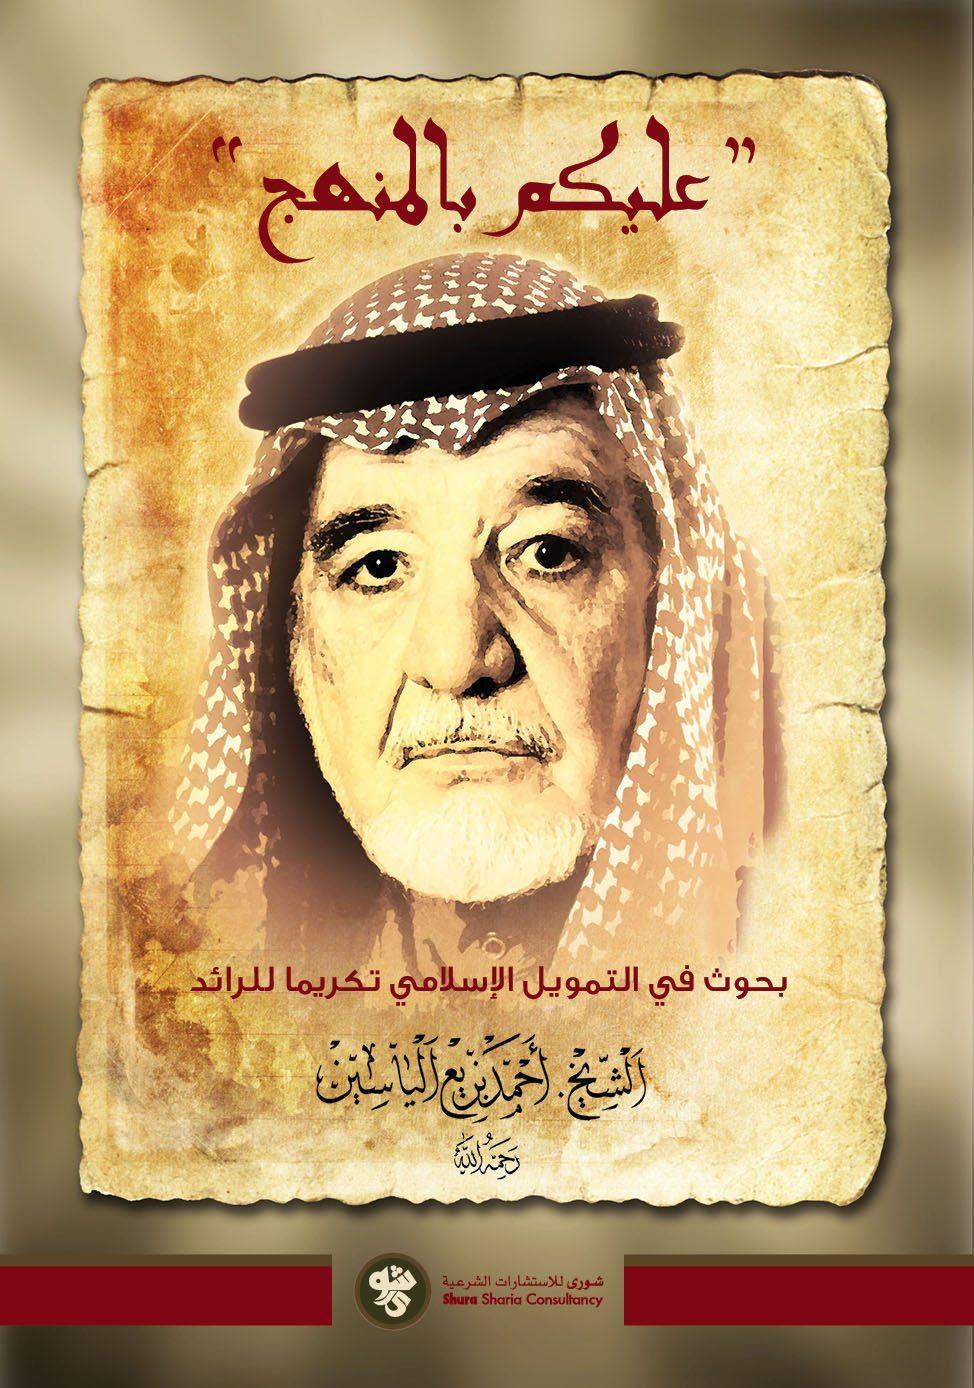 عليكم بالمنهج: بحوث في التمويل الإسلامي تكريما للرائد الشيخ أحمد بزيع الياسين